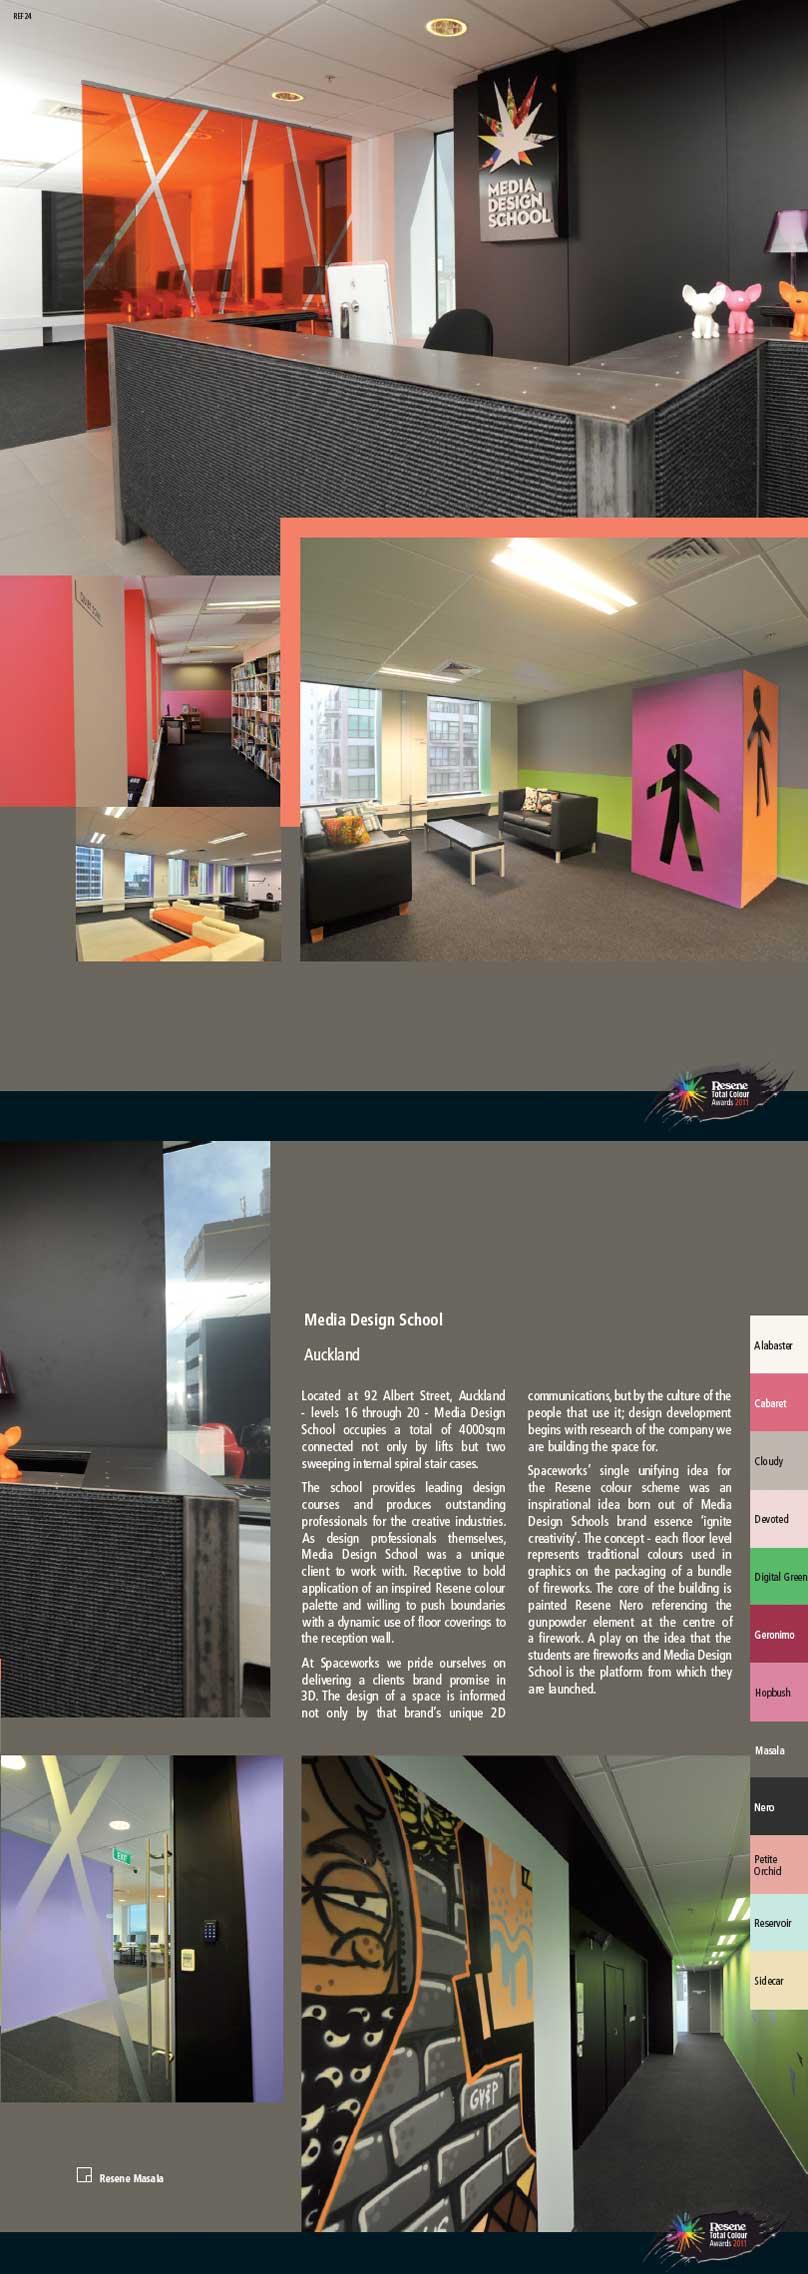 Media Design School Auckland